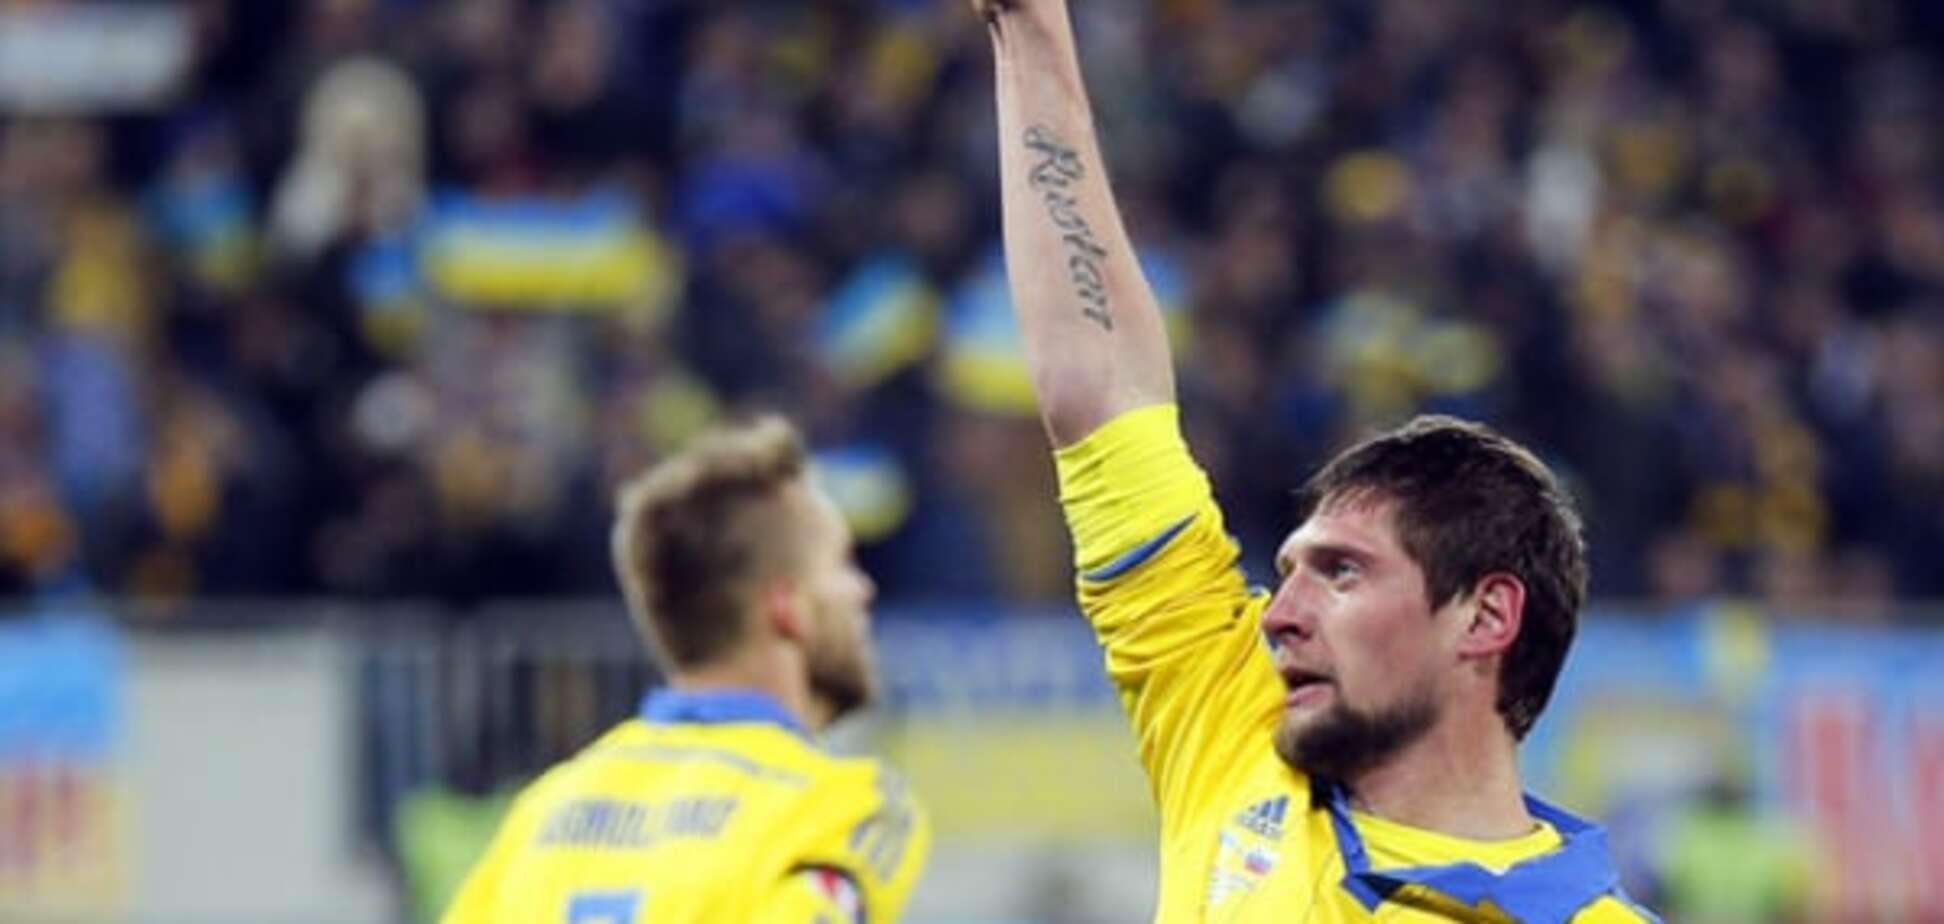 'Аргументируйте!': форвард сборной Украины повздорил с журналистом после выхода на Евро-2016